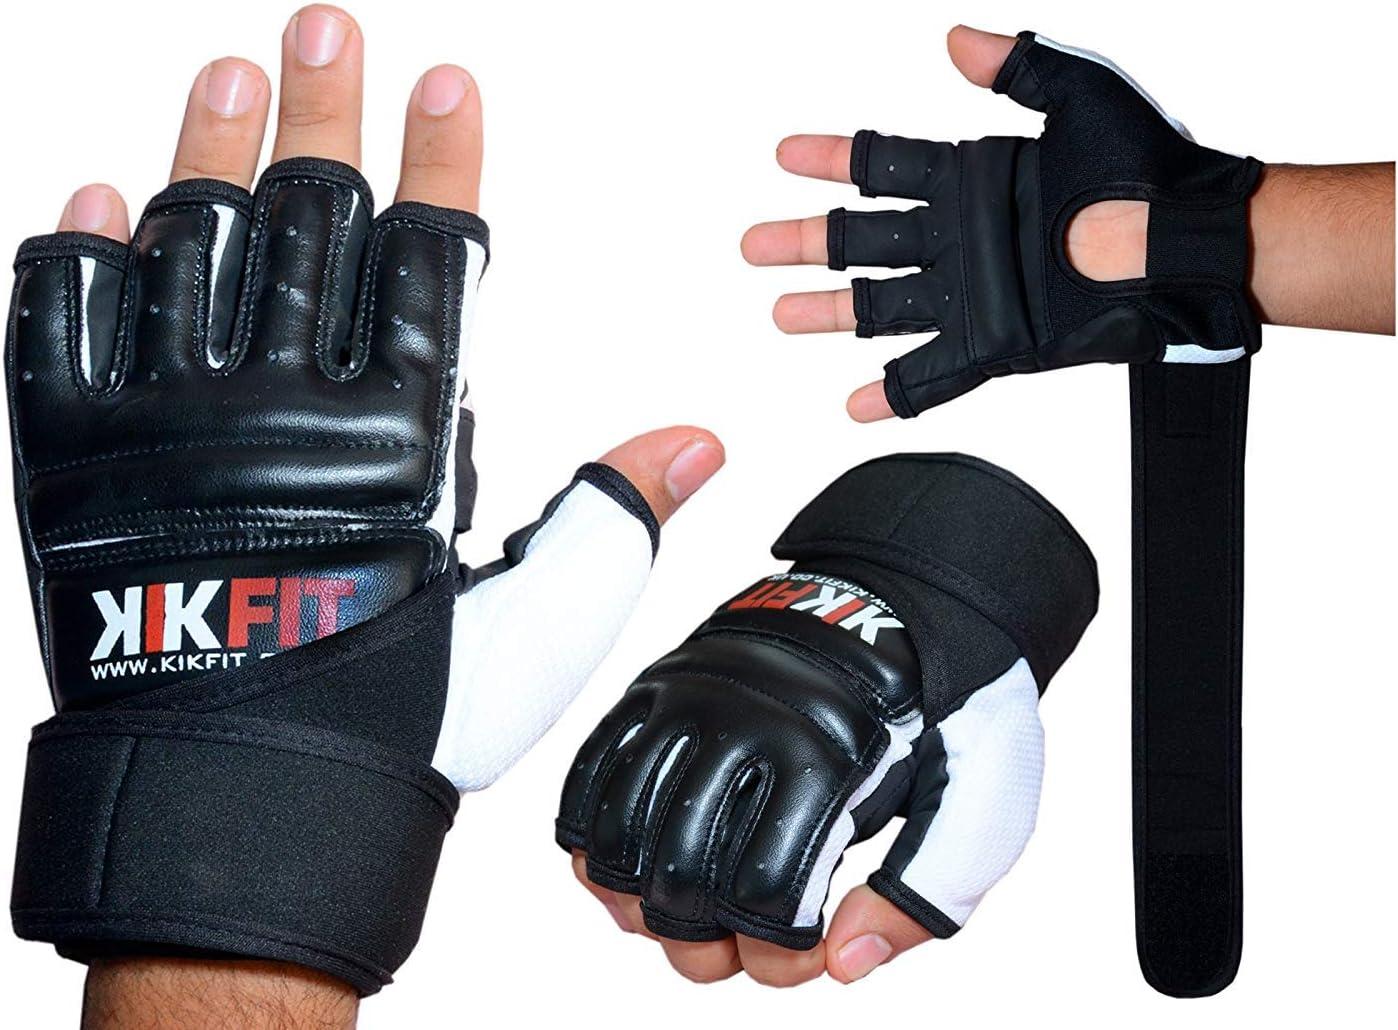 kikfit Cuir Noir Corps entra/înement Gel Gants MMA BOXE SAC DE FRAPPE arts martiaux